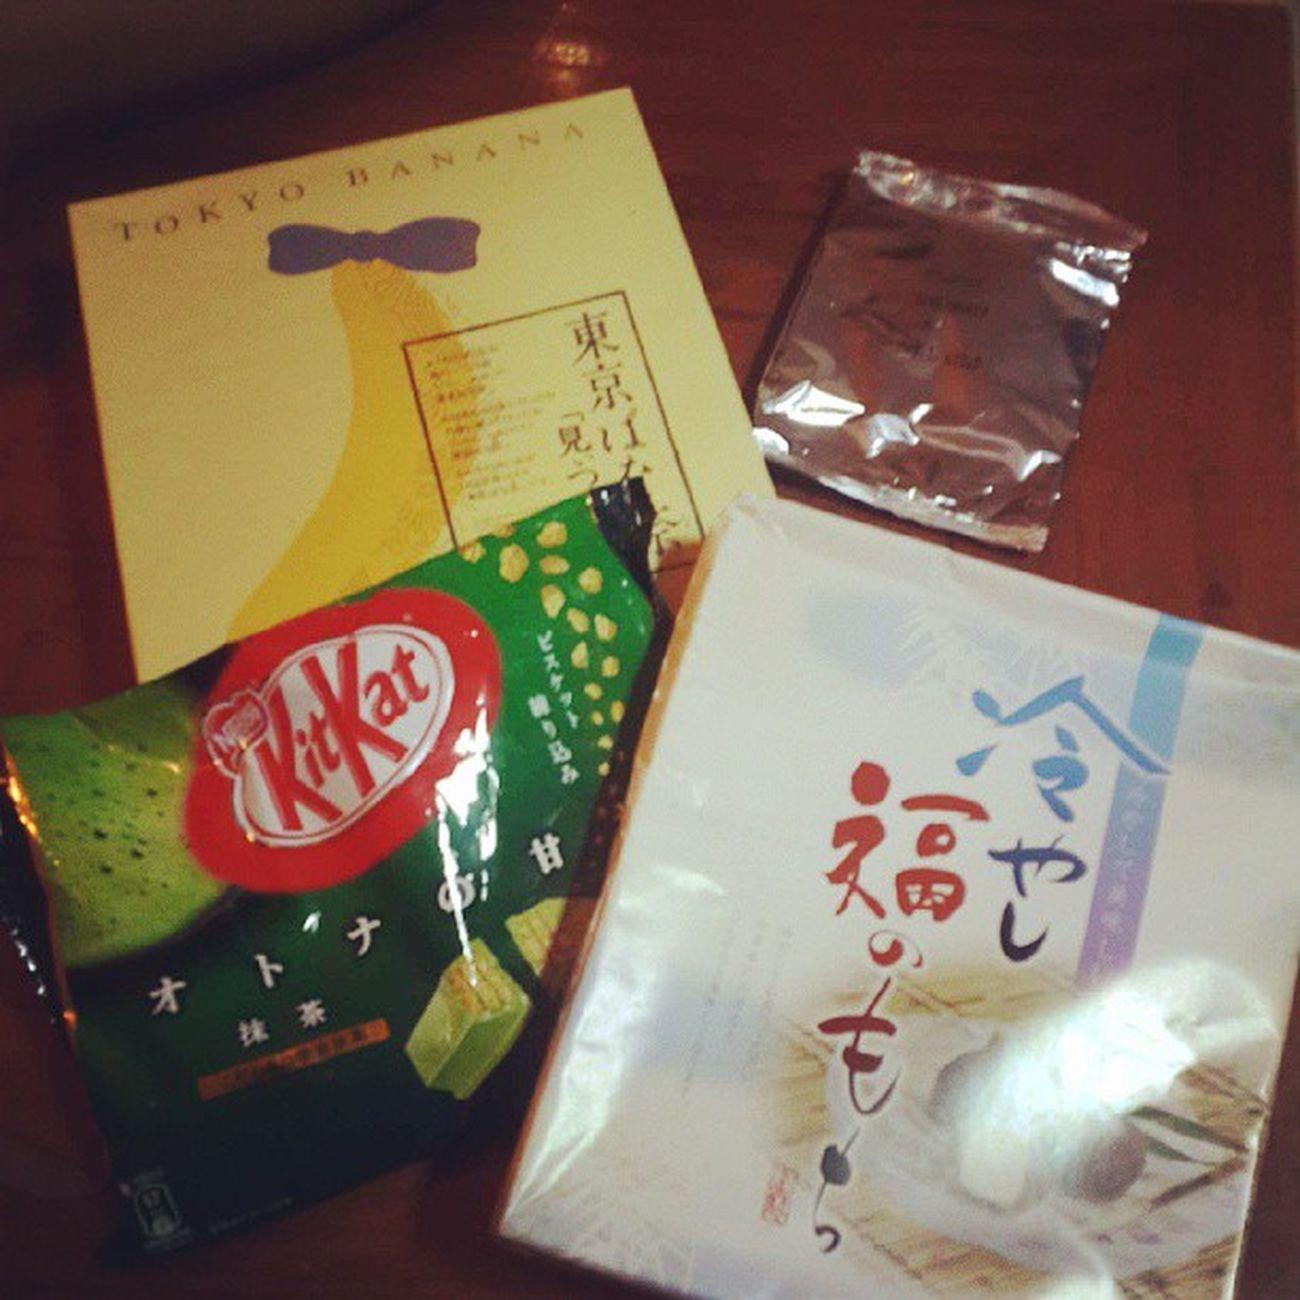 Greenteakitkat Mochi Tokyobanana Ocha yummygiftsisterlove♥